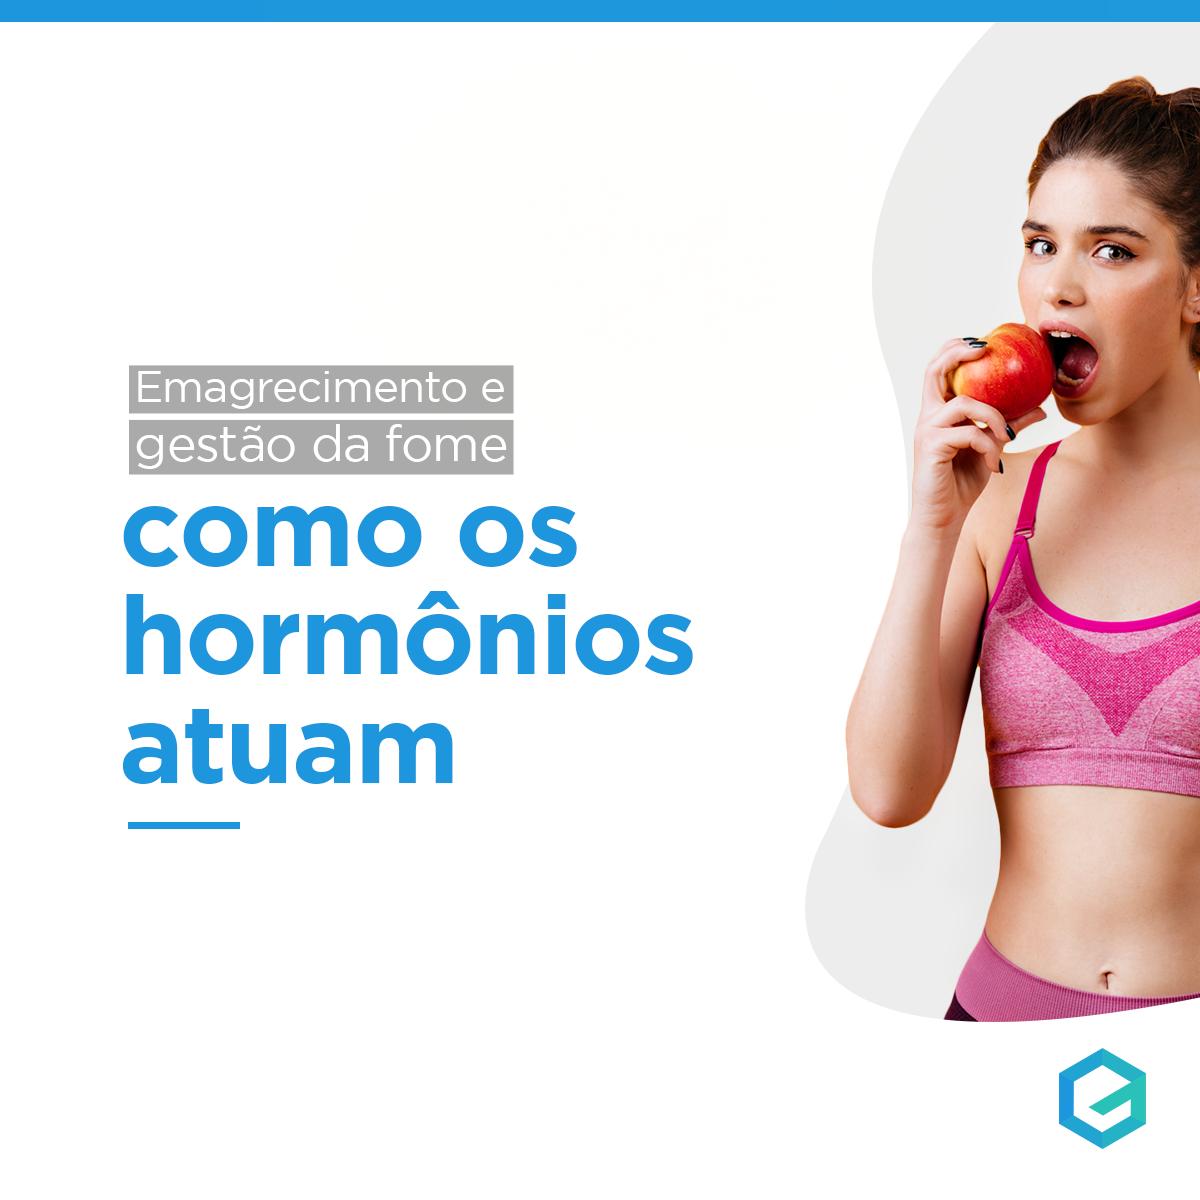 Emagrecimento e gestão da fome: como os hormônios atuam